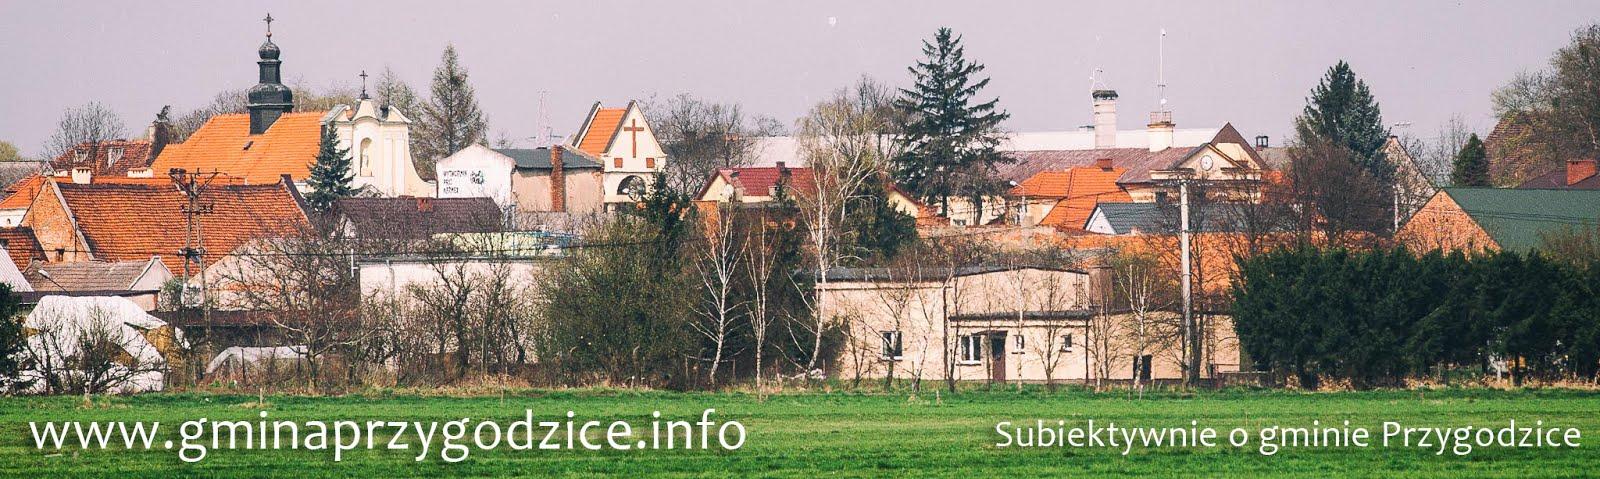 www.gminaprzygodzice.info